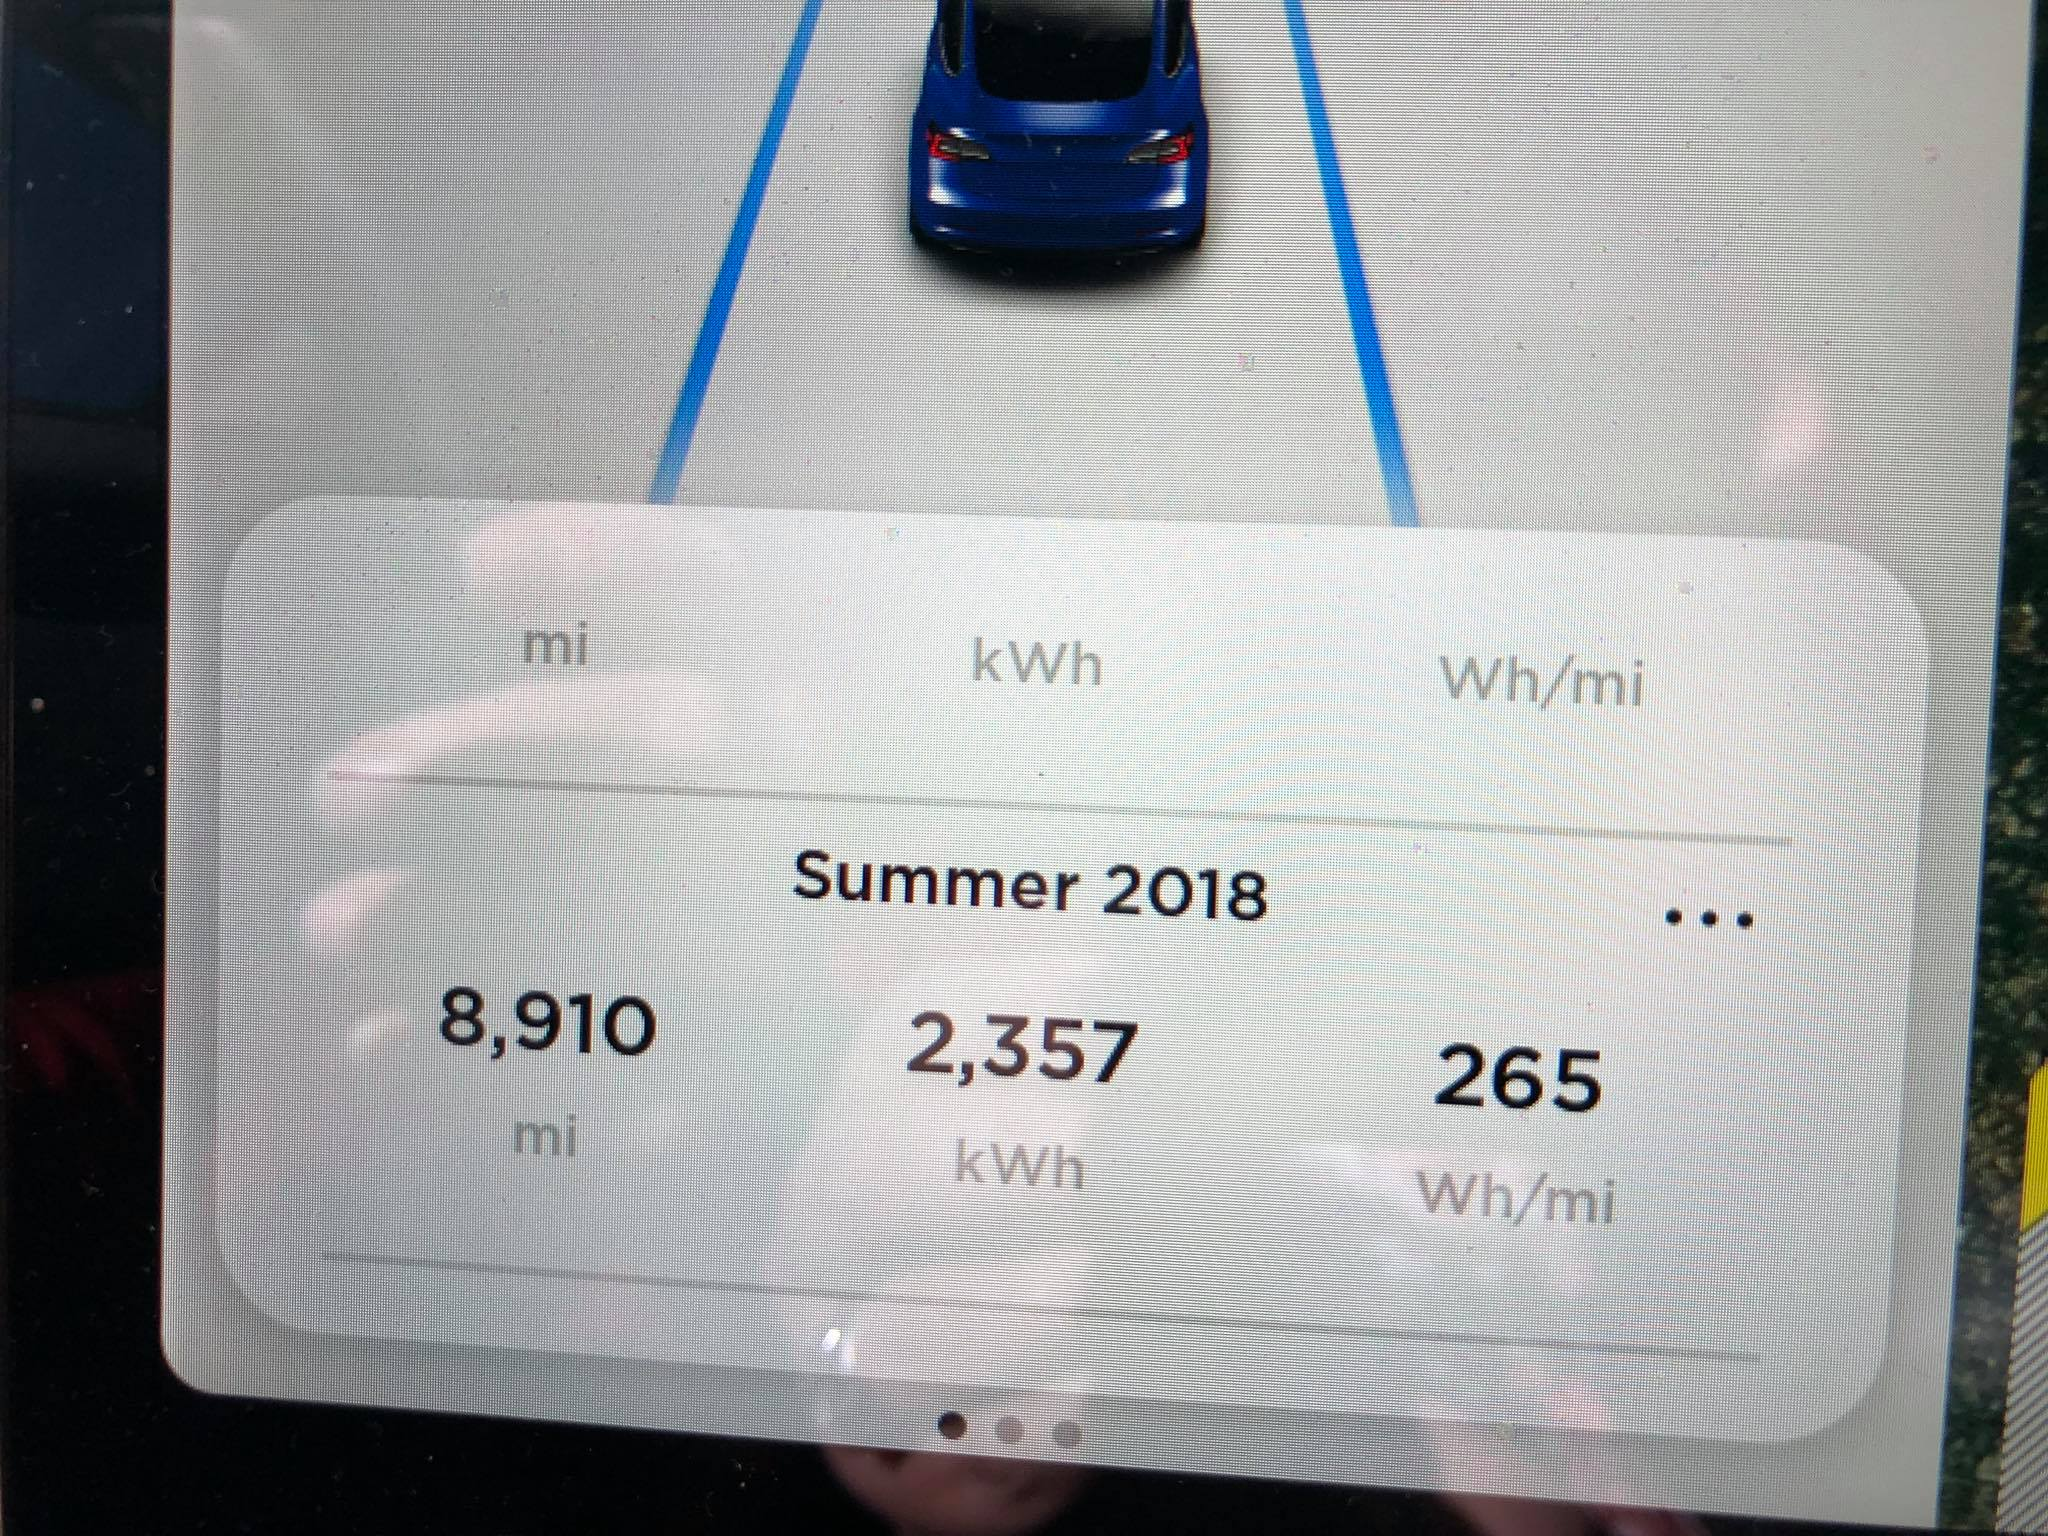 Tesla Model 3 owner and tech evangelist shares Autopilot insights after 9k mile road trip